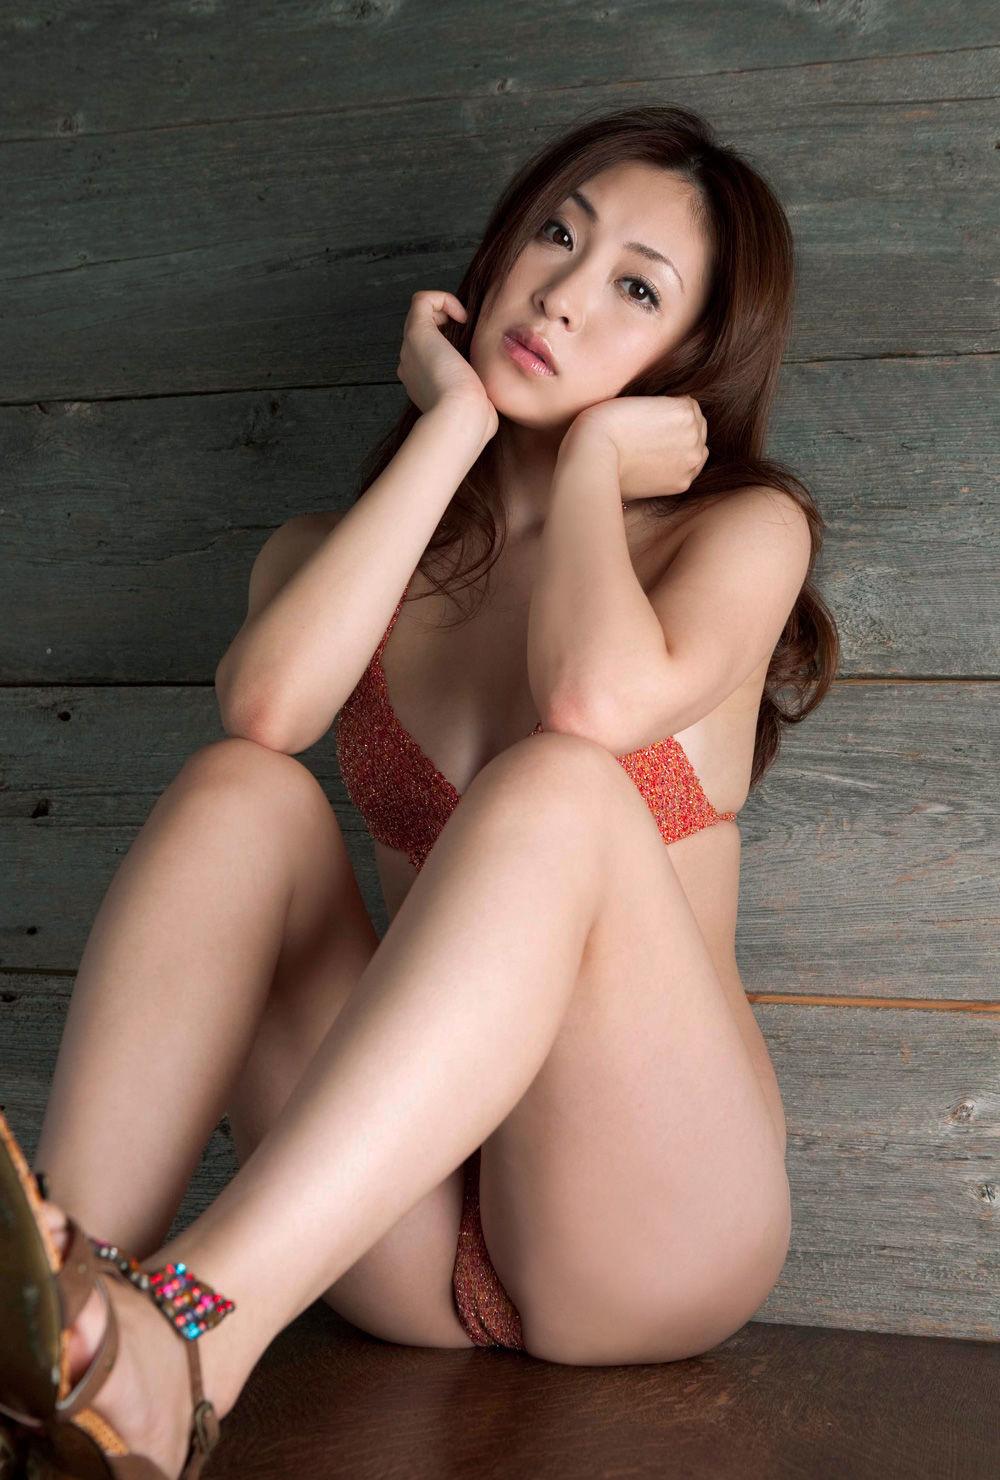 辰巳奈都子 画像 掲示板 62